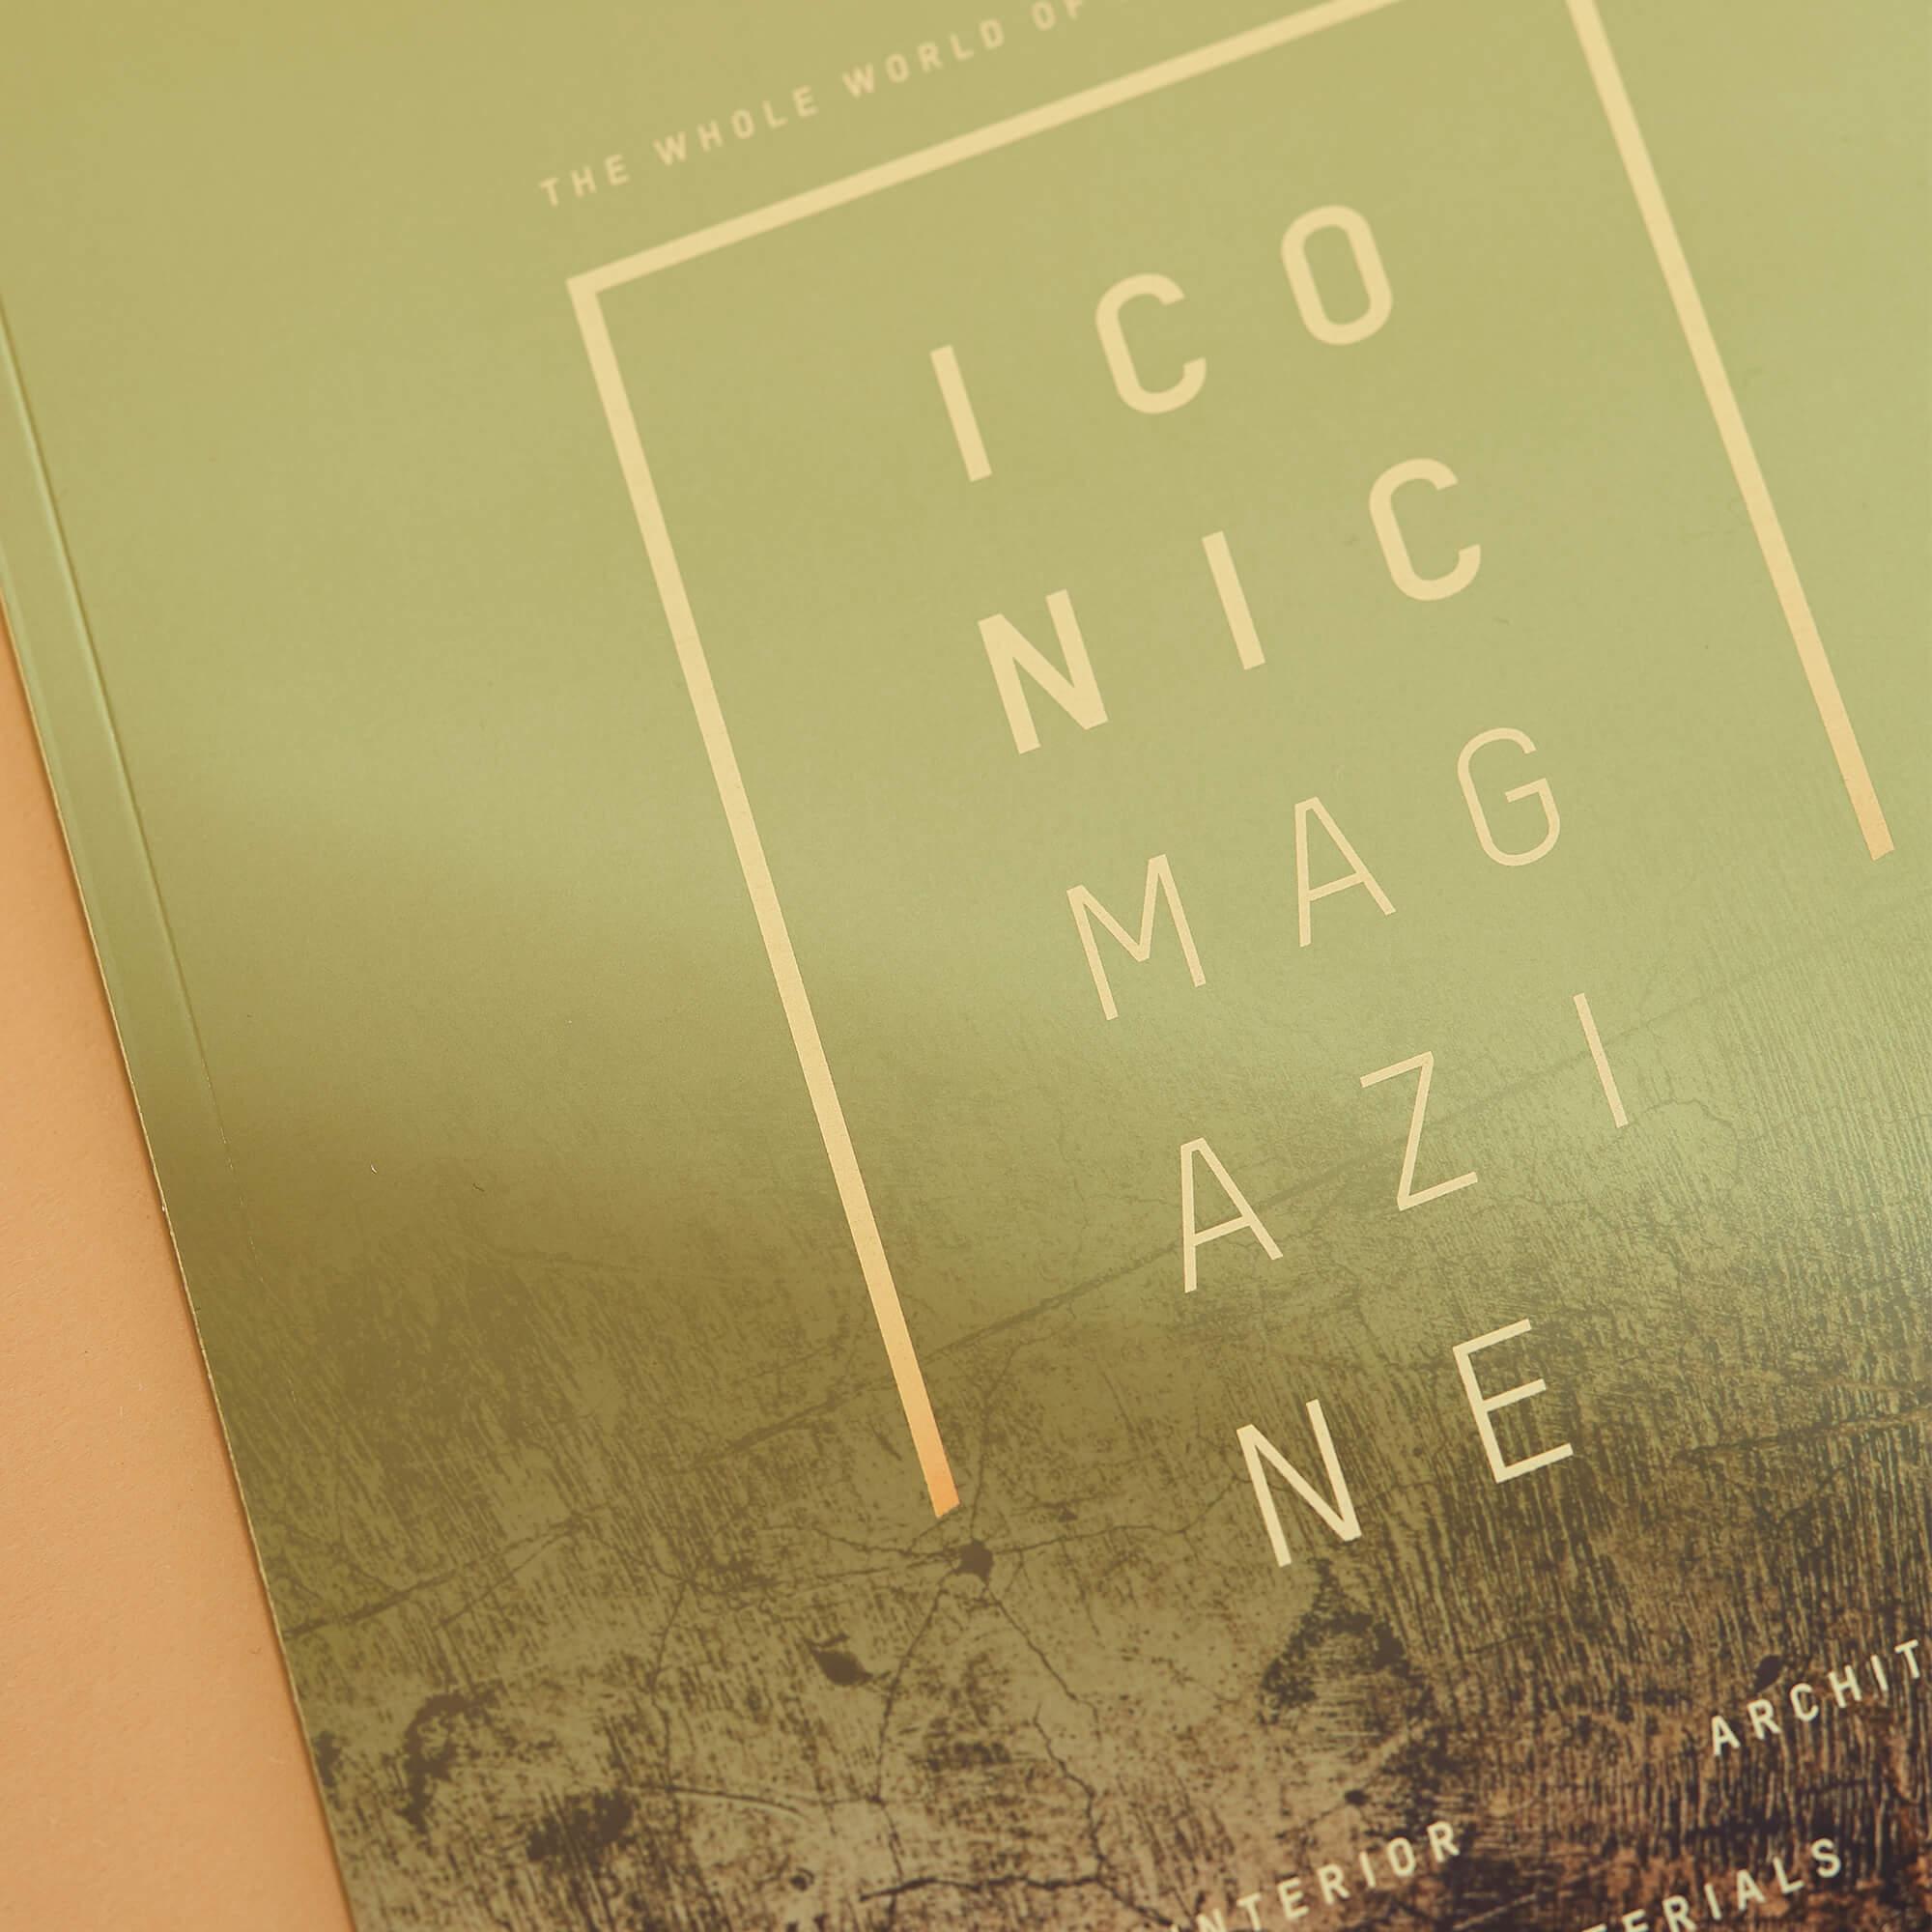 Veredelung auf dem Cover des Magazins